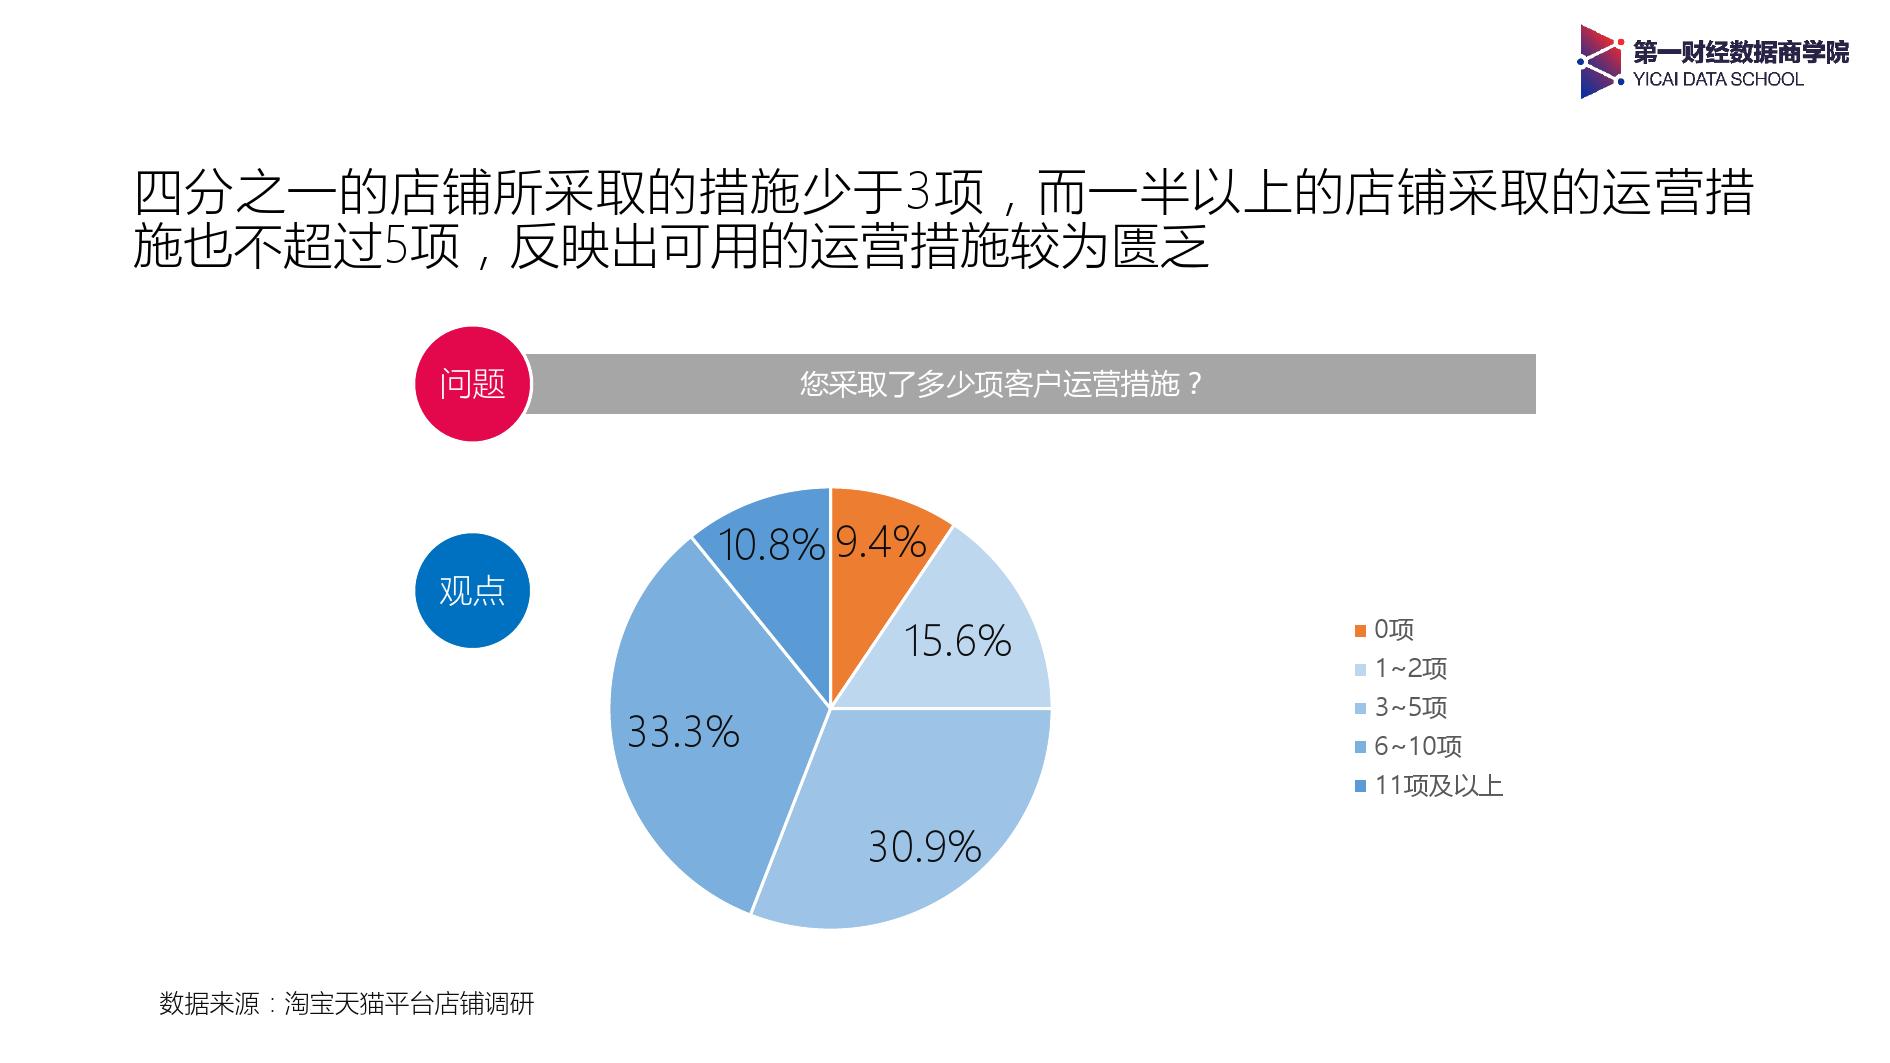 2017年淘系店铺客户运营调研报告-09大数据